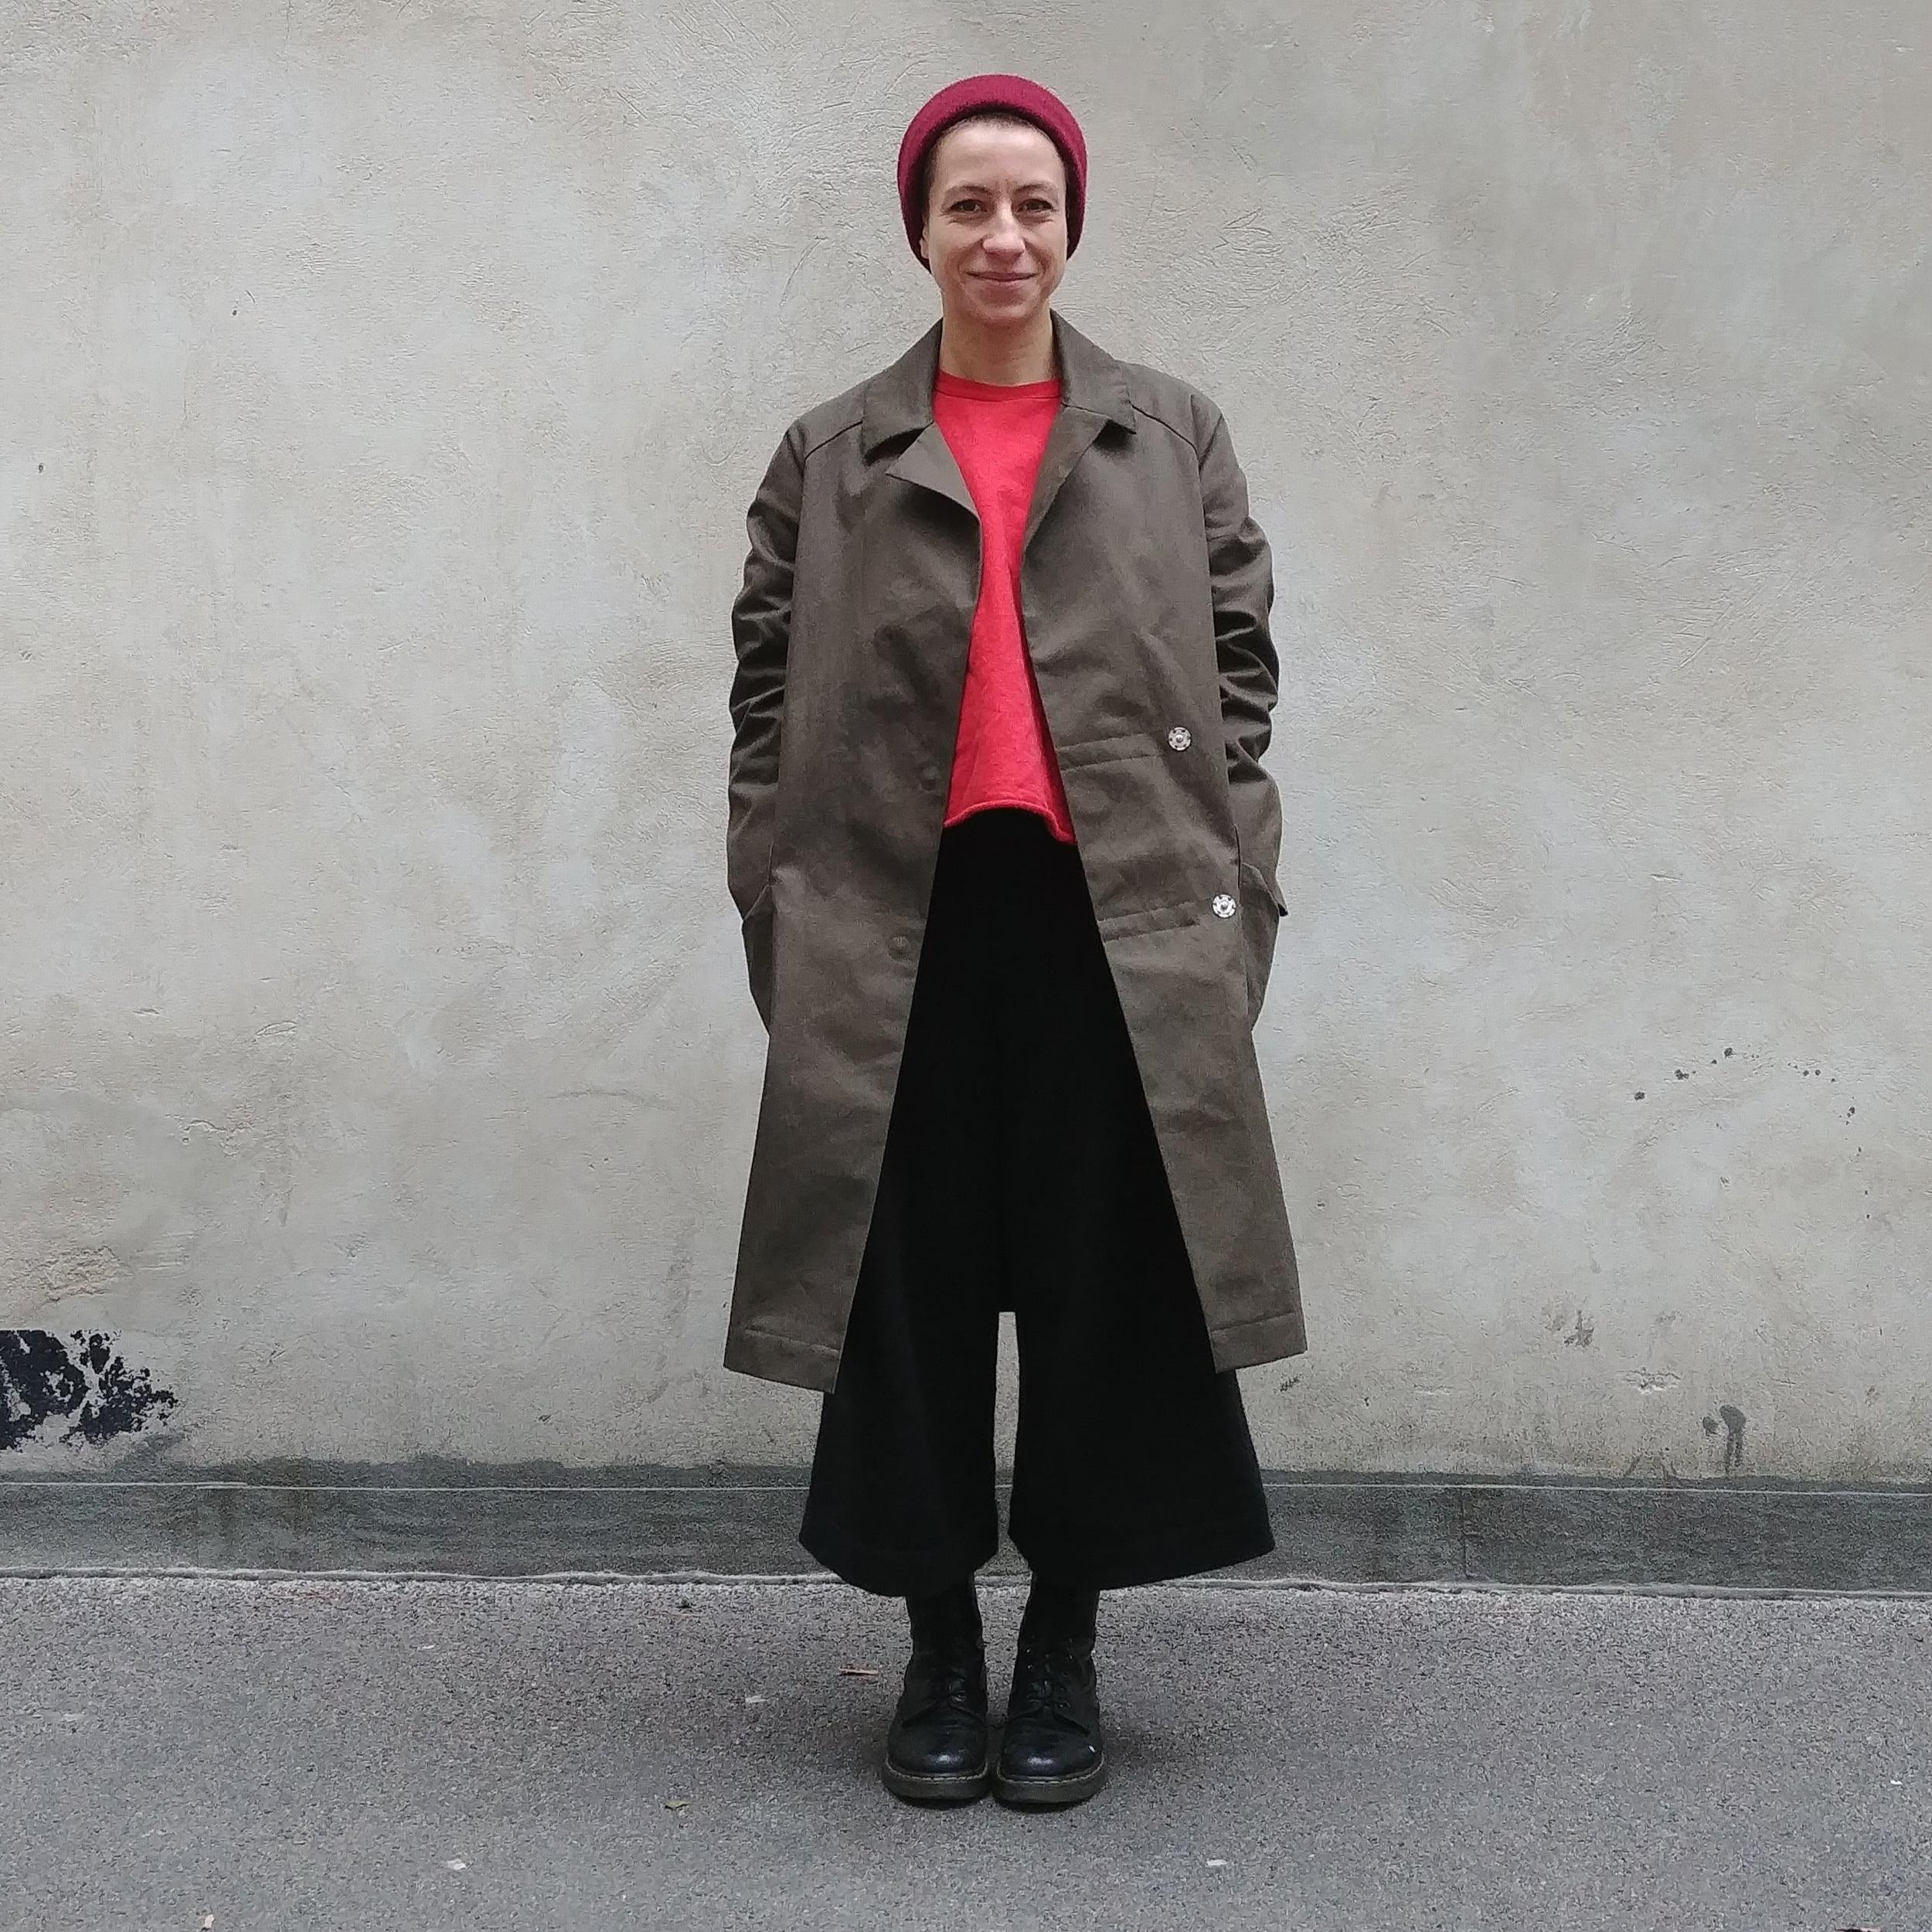 Berlin Coat, Schnittmuster, Nähanleitung, DIY Mantel, Trenchcoat Schnitt, Jackenschnitt, Mantelschnitt